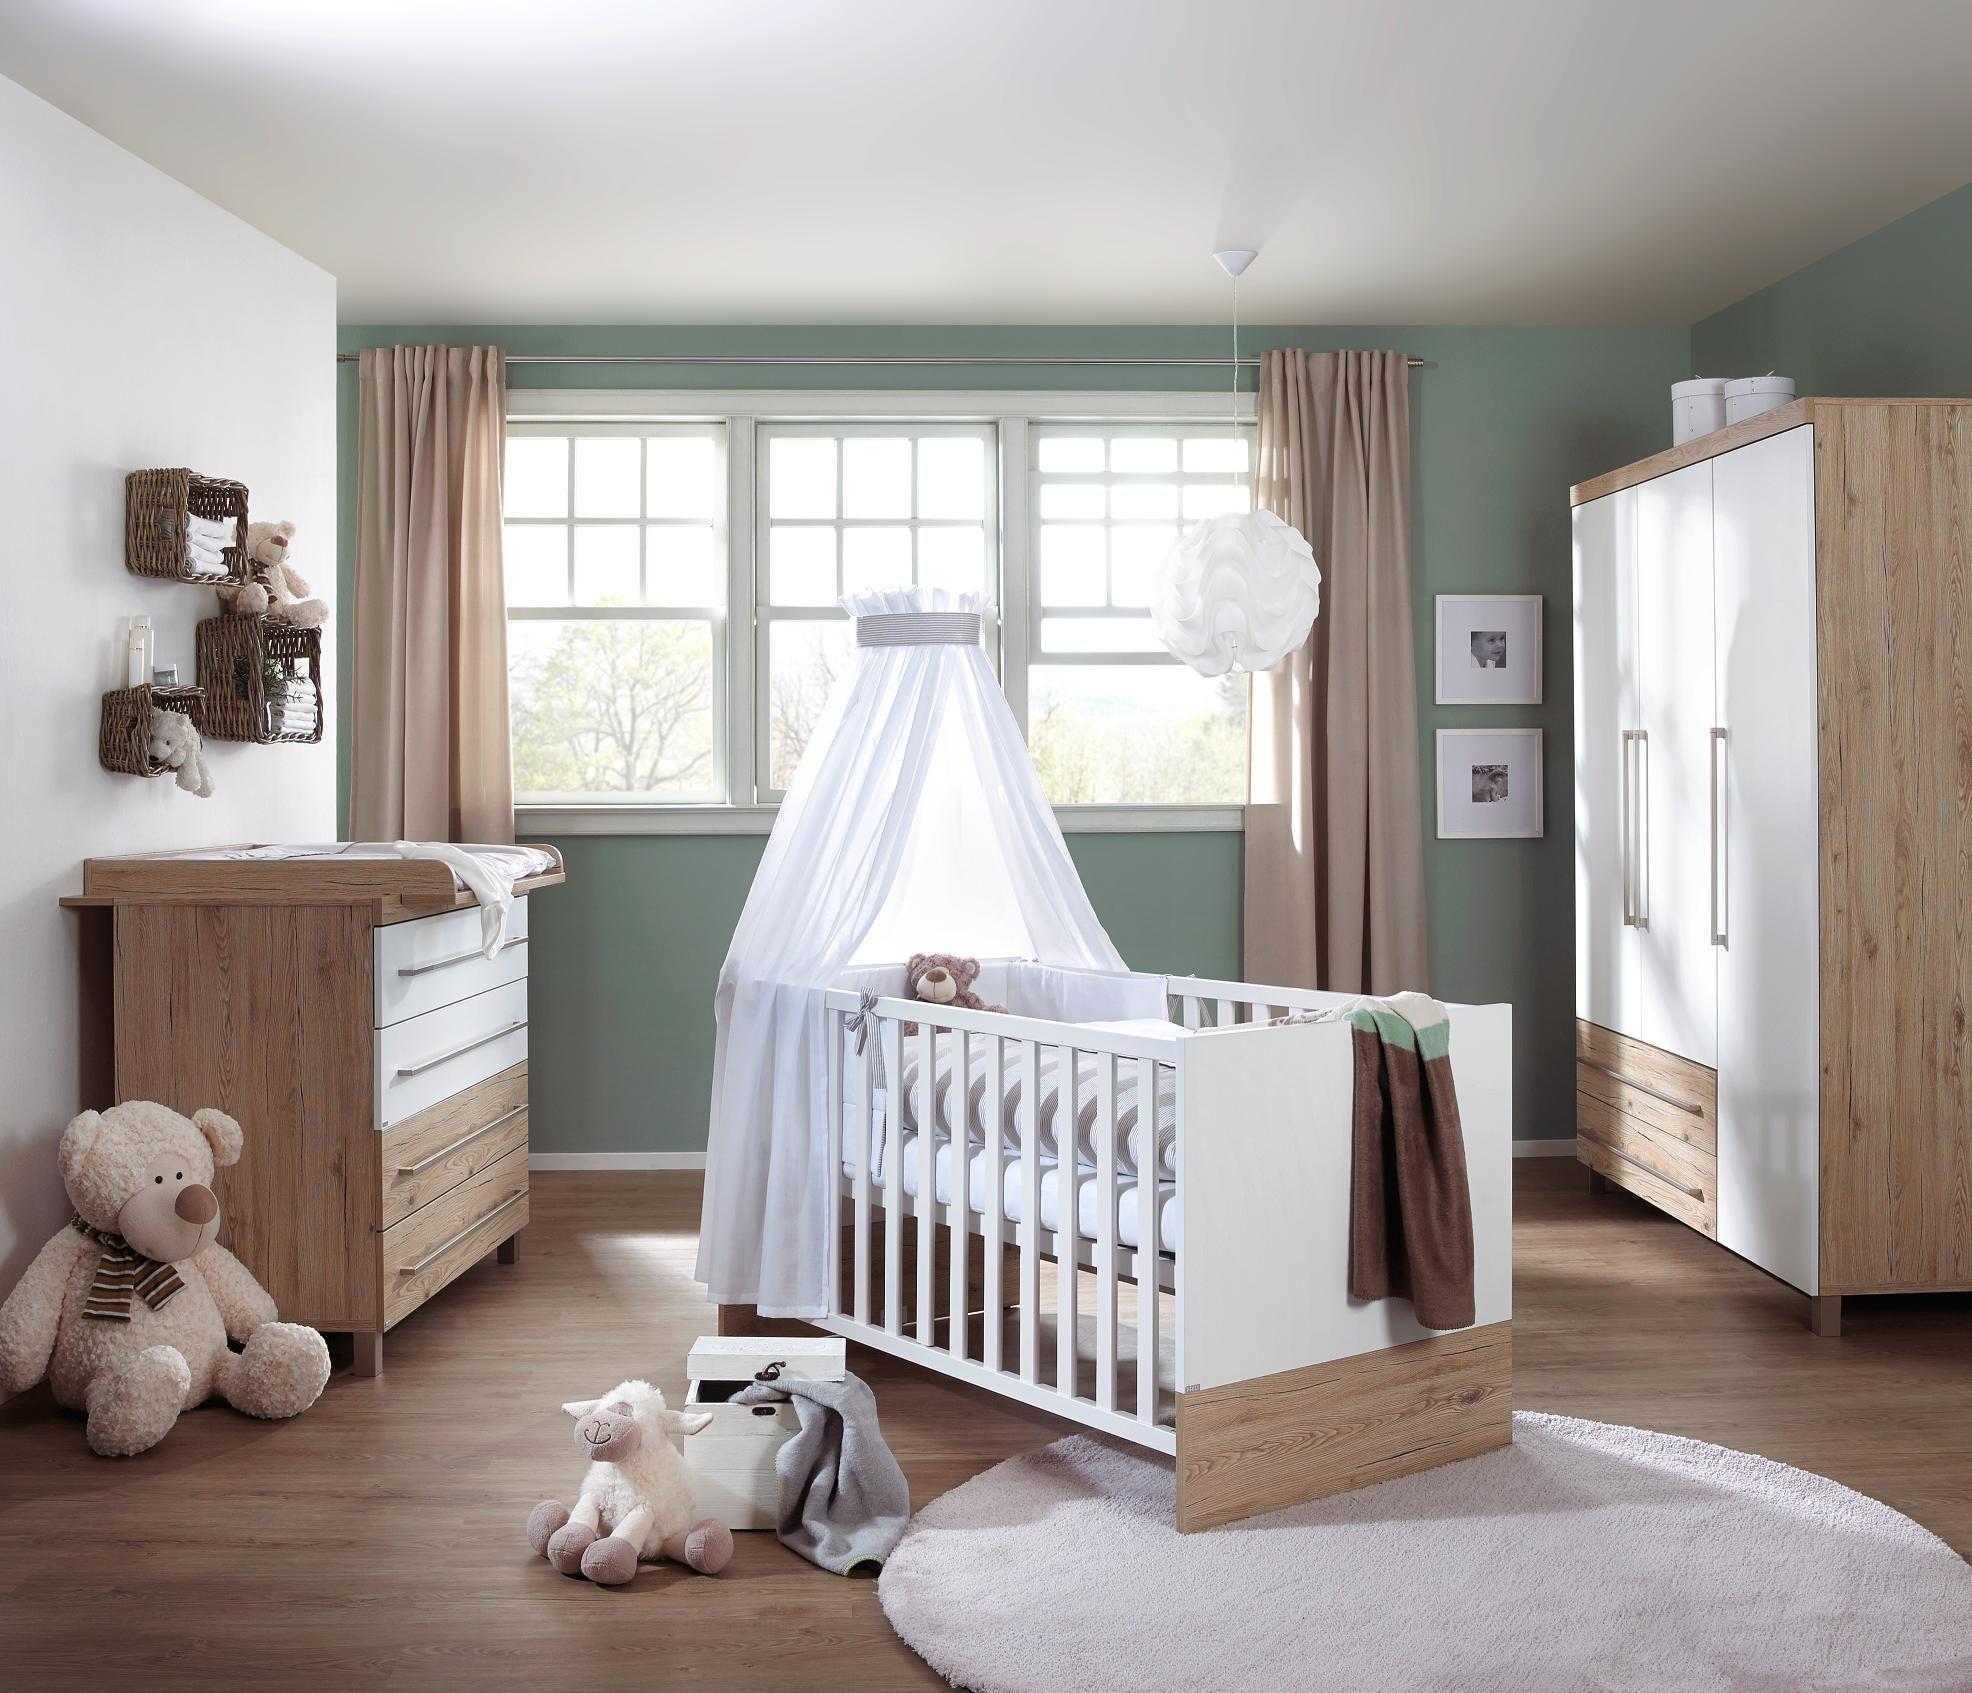 babyzimmer lennox von paidi | babyzimmer | pinterest